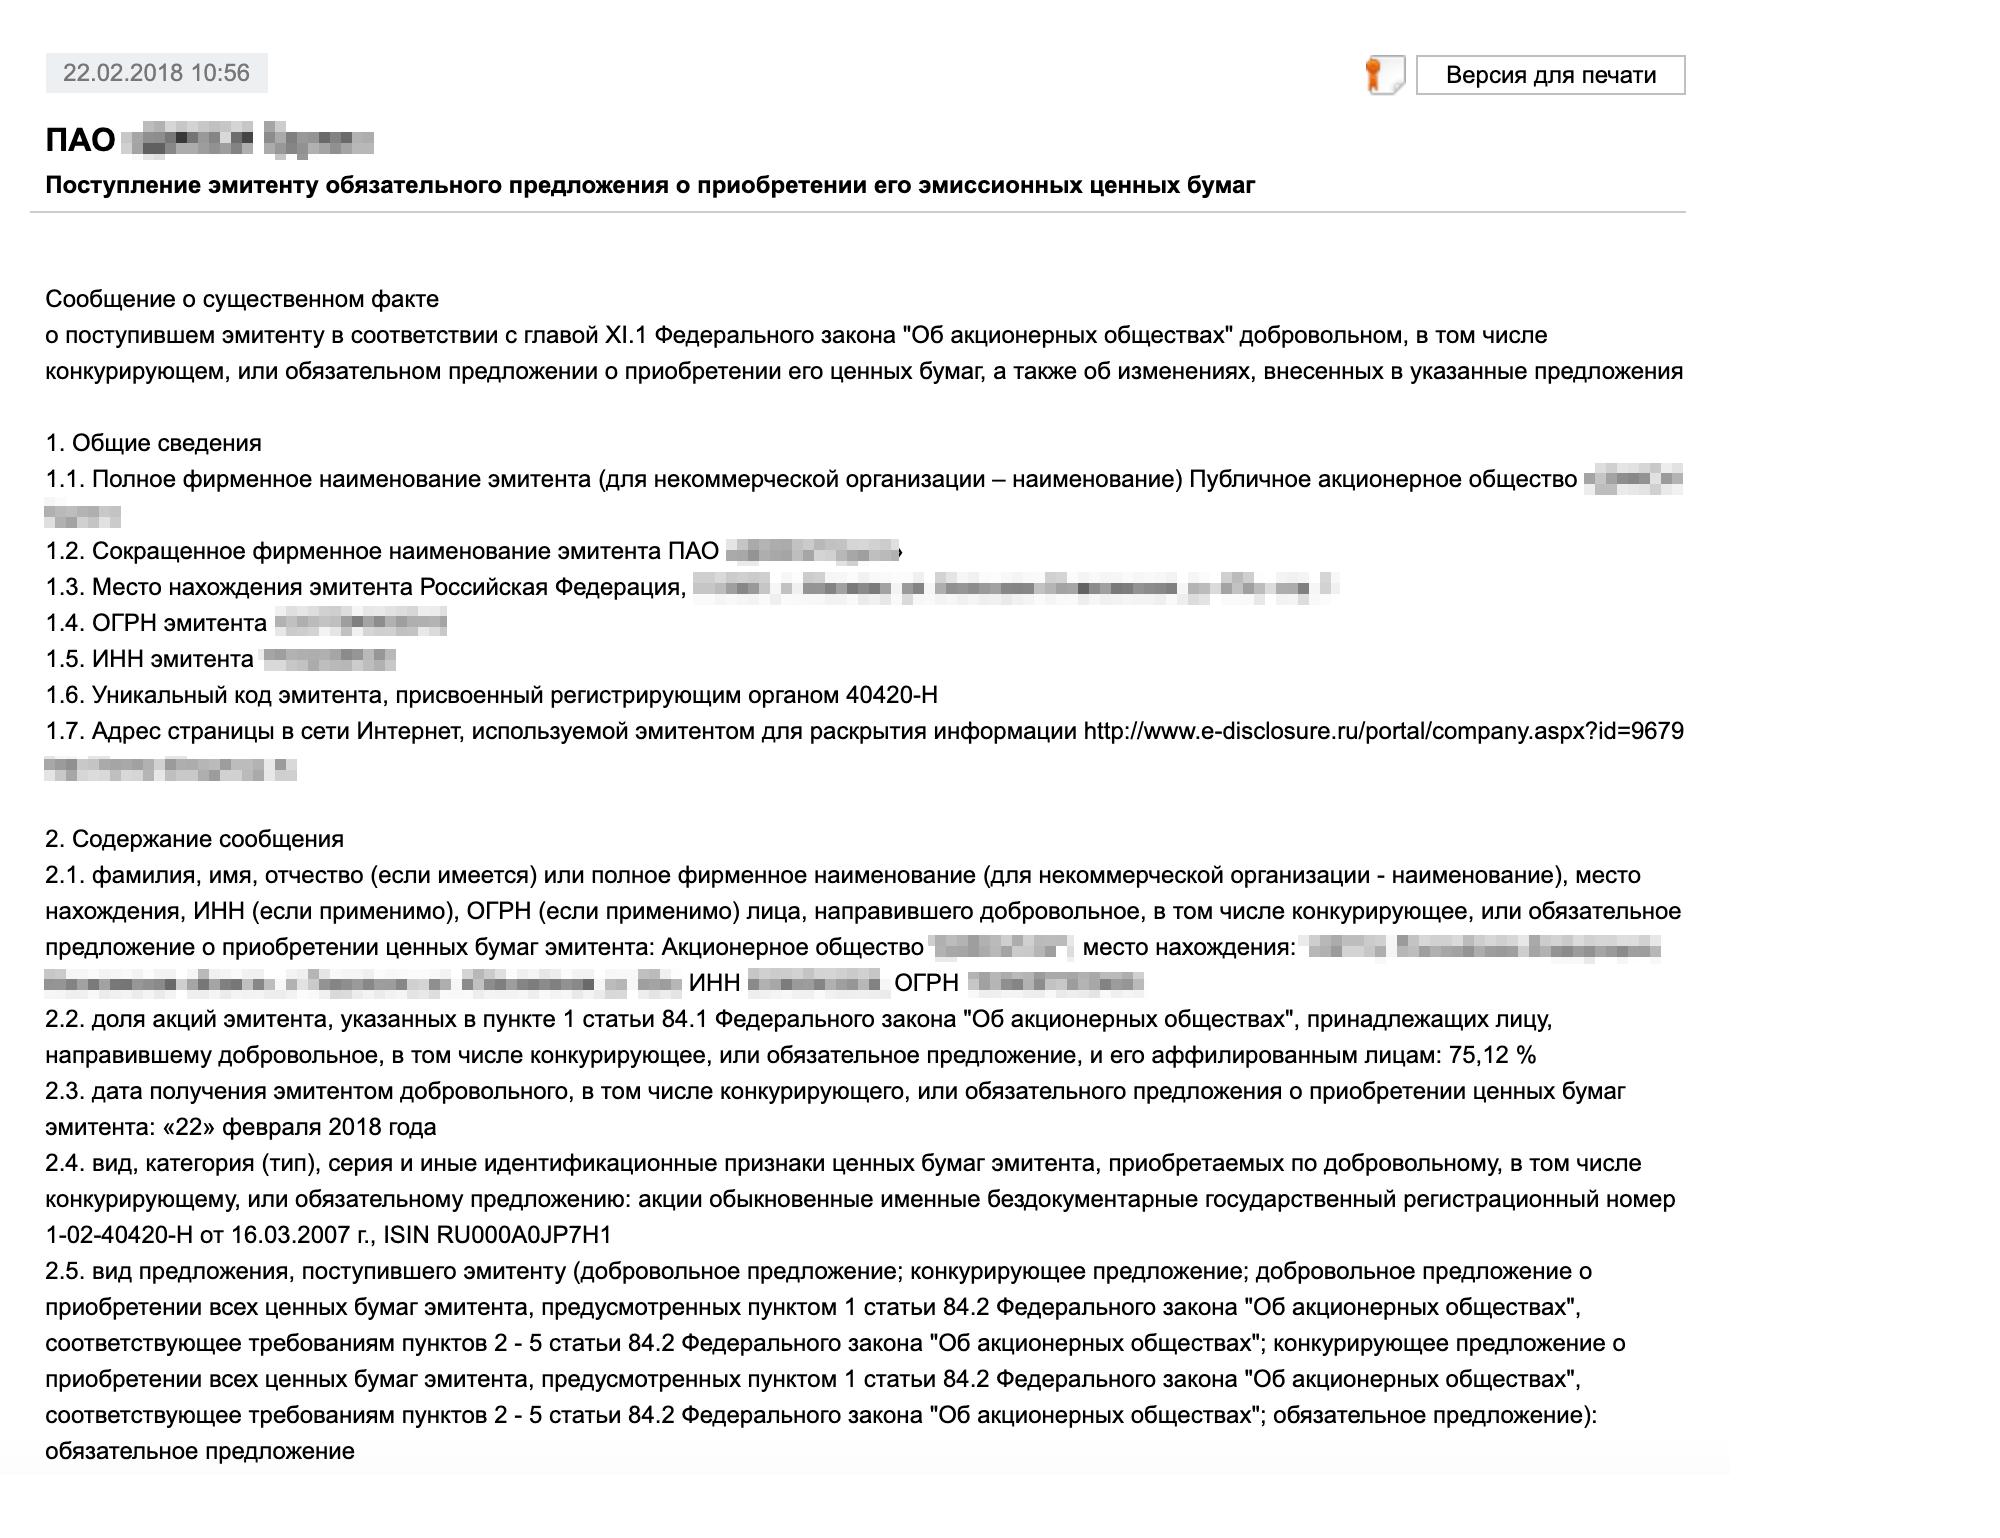 Сообщение об обязательном предложении на сайте «Центра раскрытия корпоративной информации»